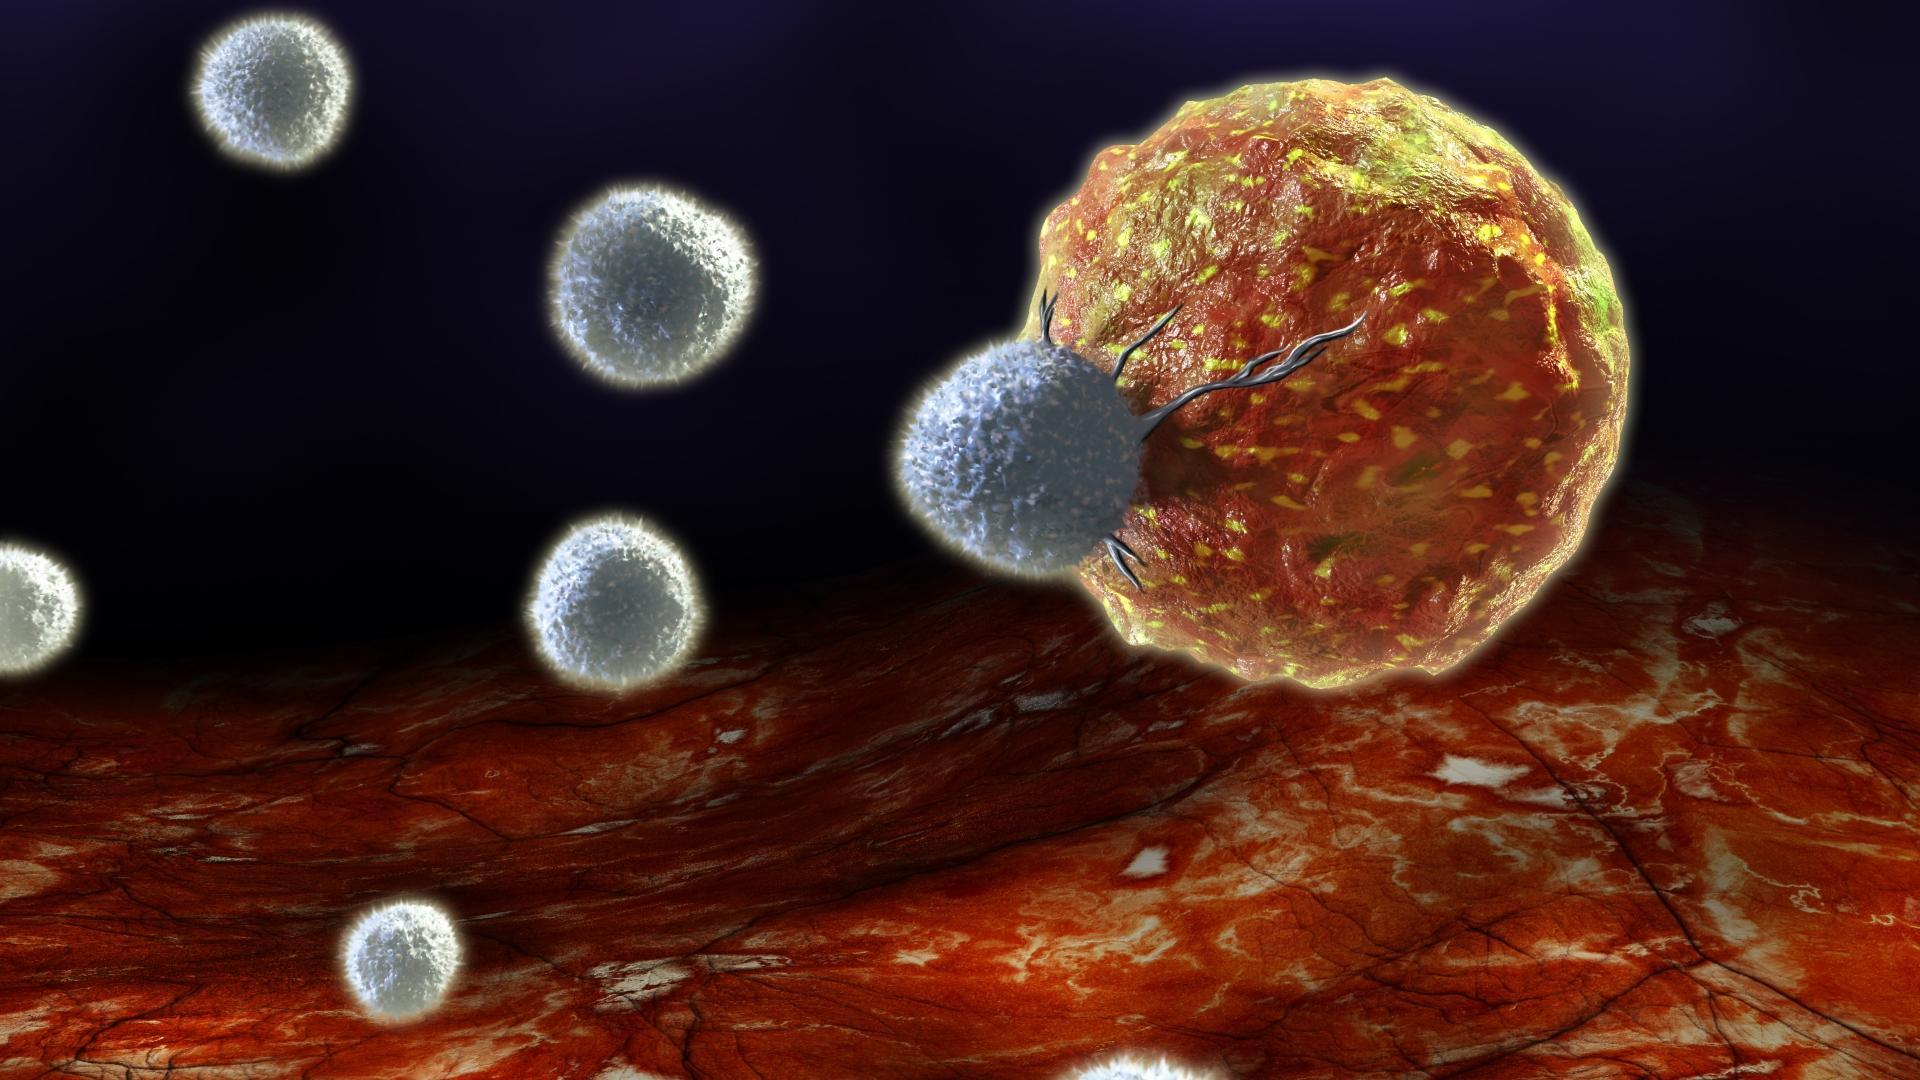 Обнаружена группа клеток, способных восстанавливать ткани человеческого тела